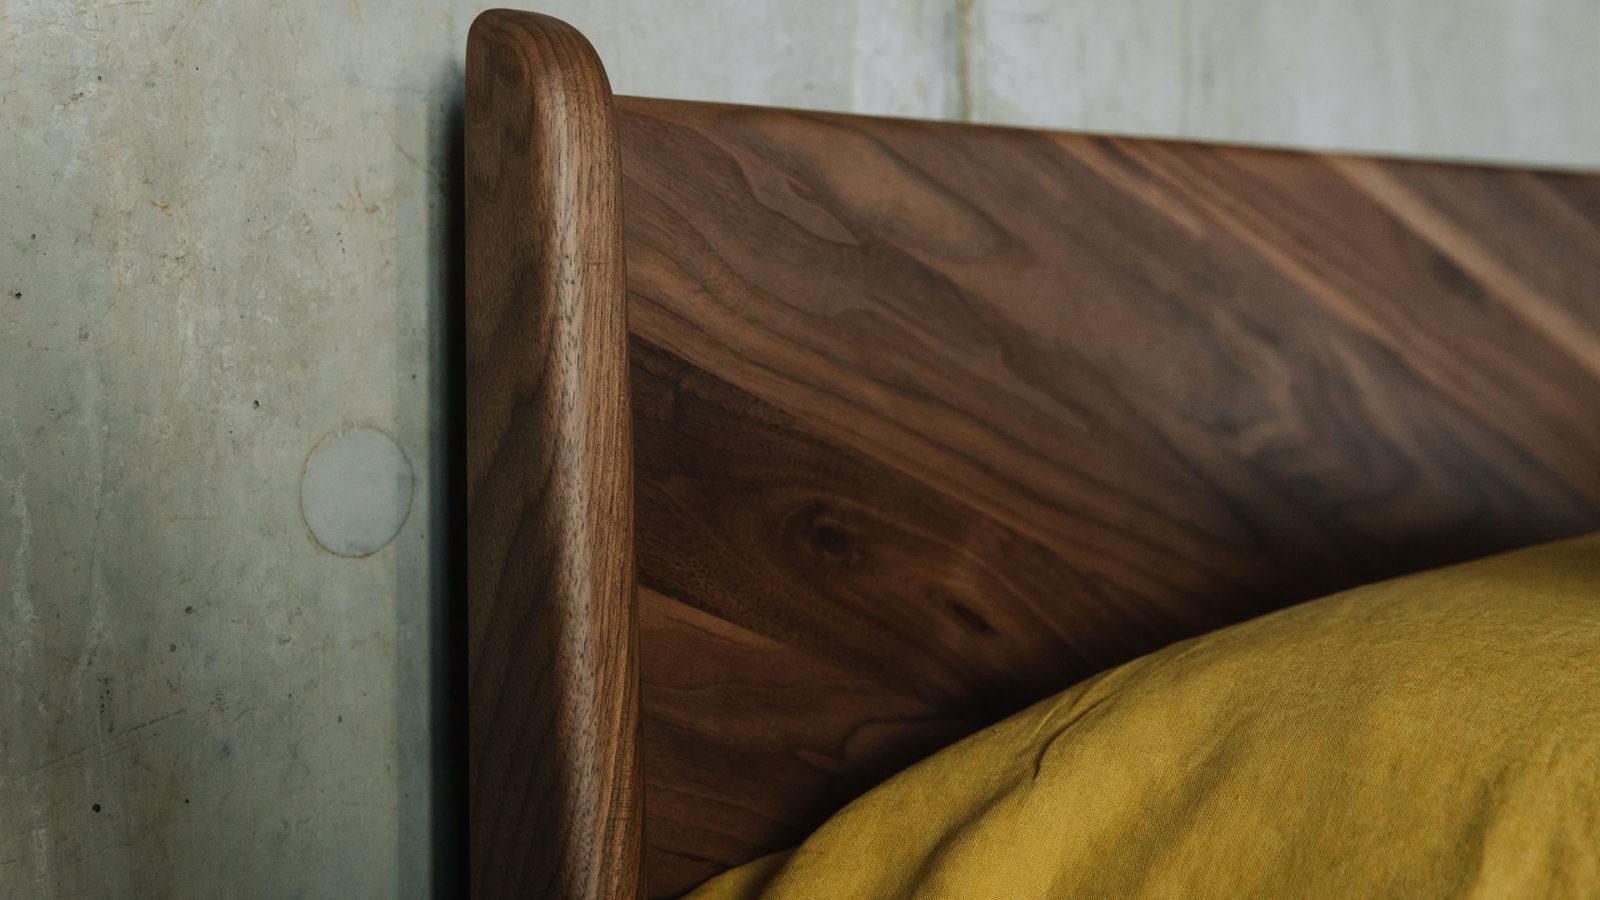 Hoxton bed -solid walnut headboard